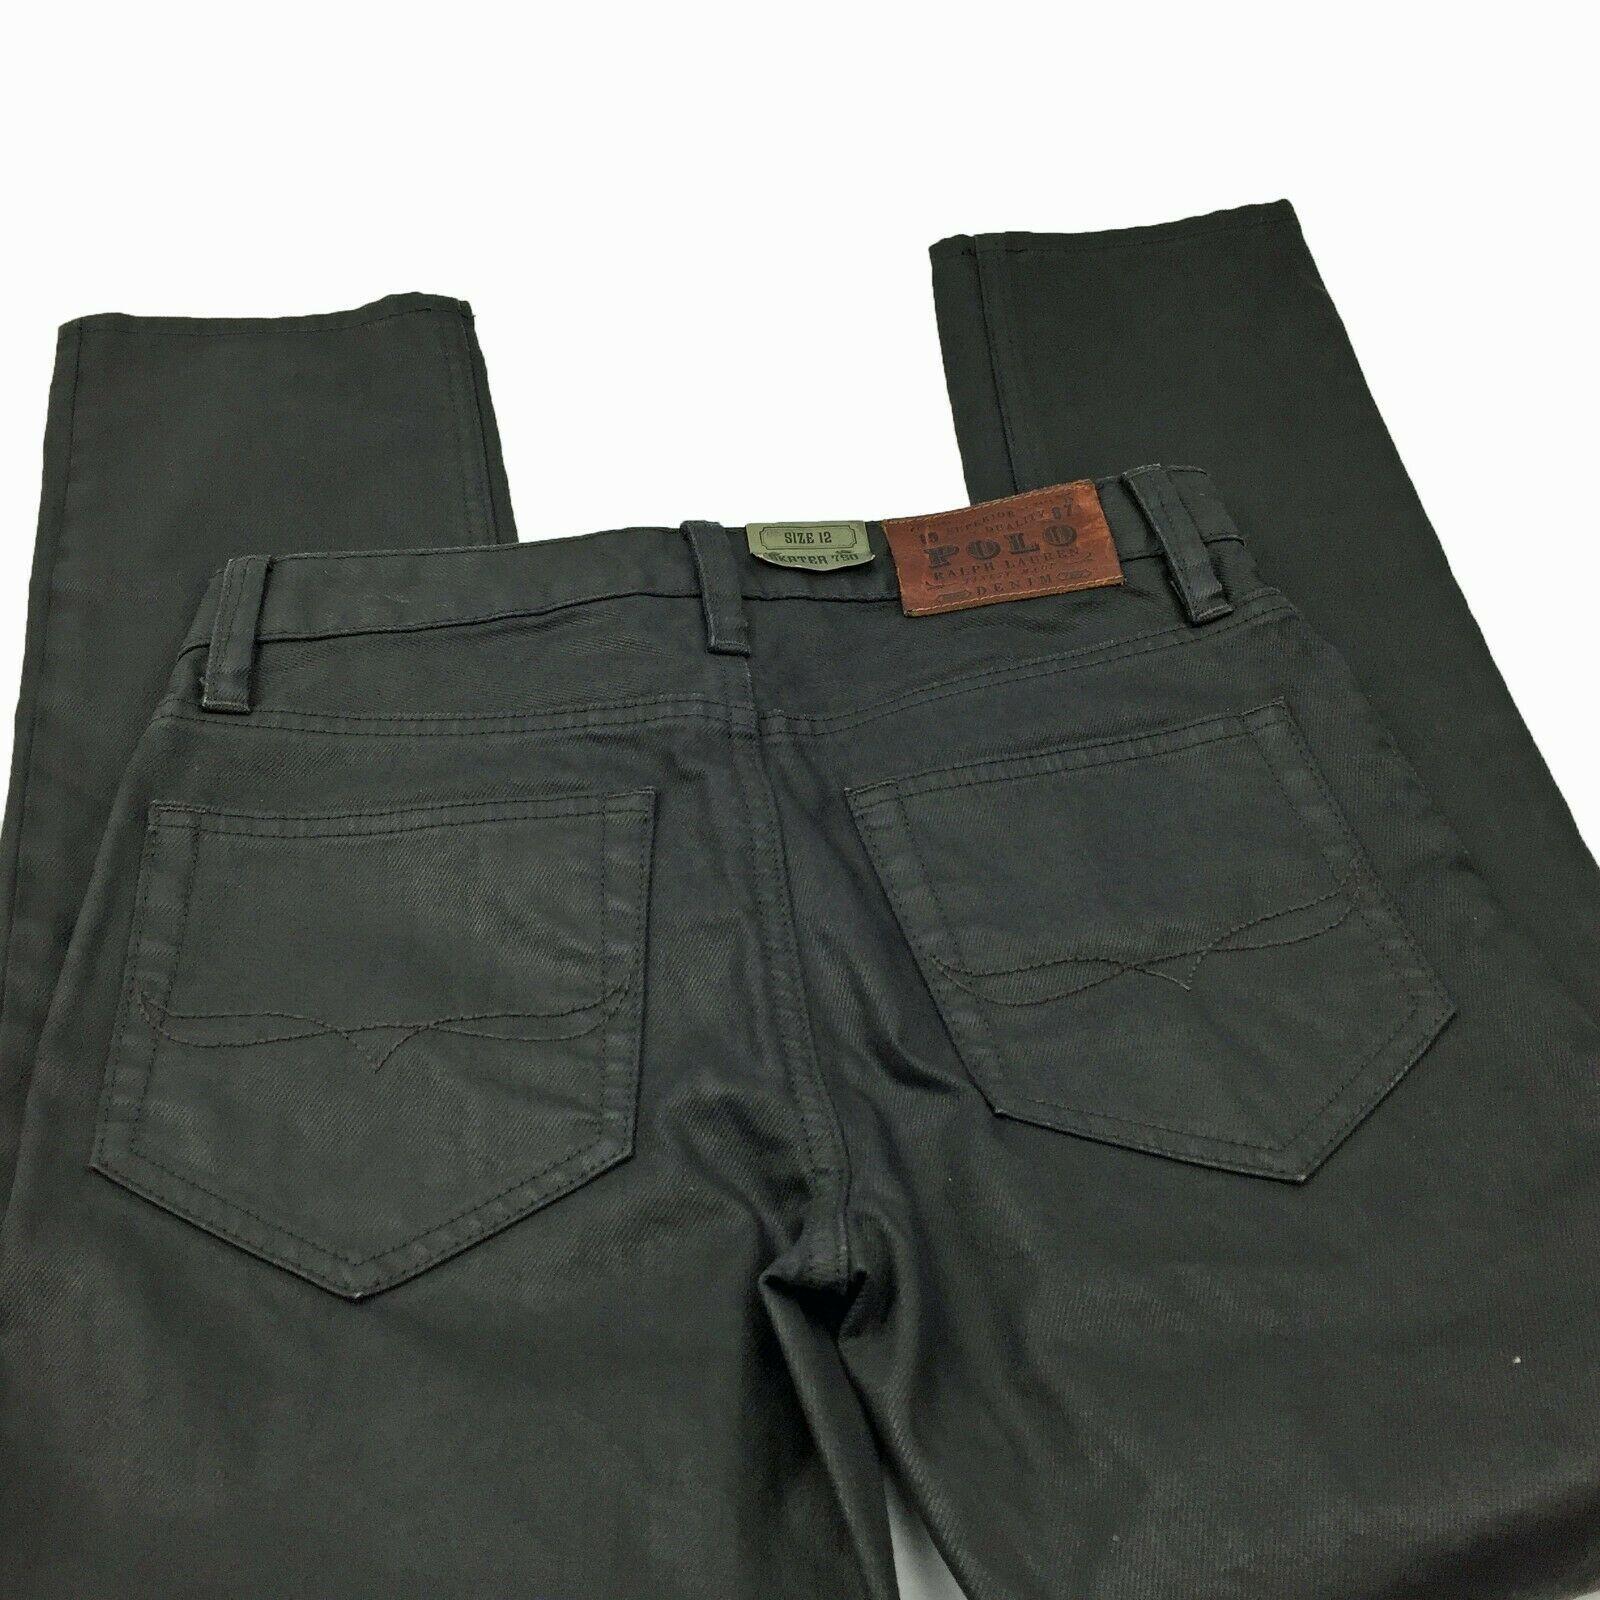 Boys POLO RALPH LAUREN Skater 750 Black Skinny Leg Jeans Size 12 **NWOT image 5